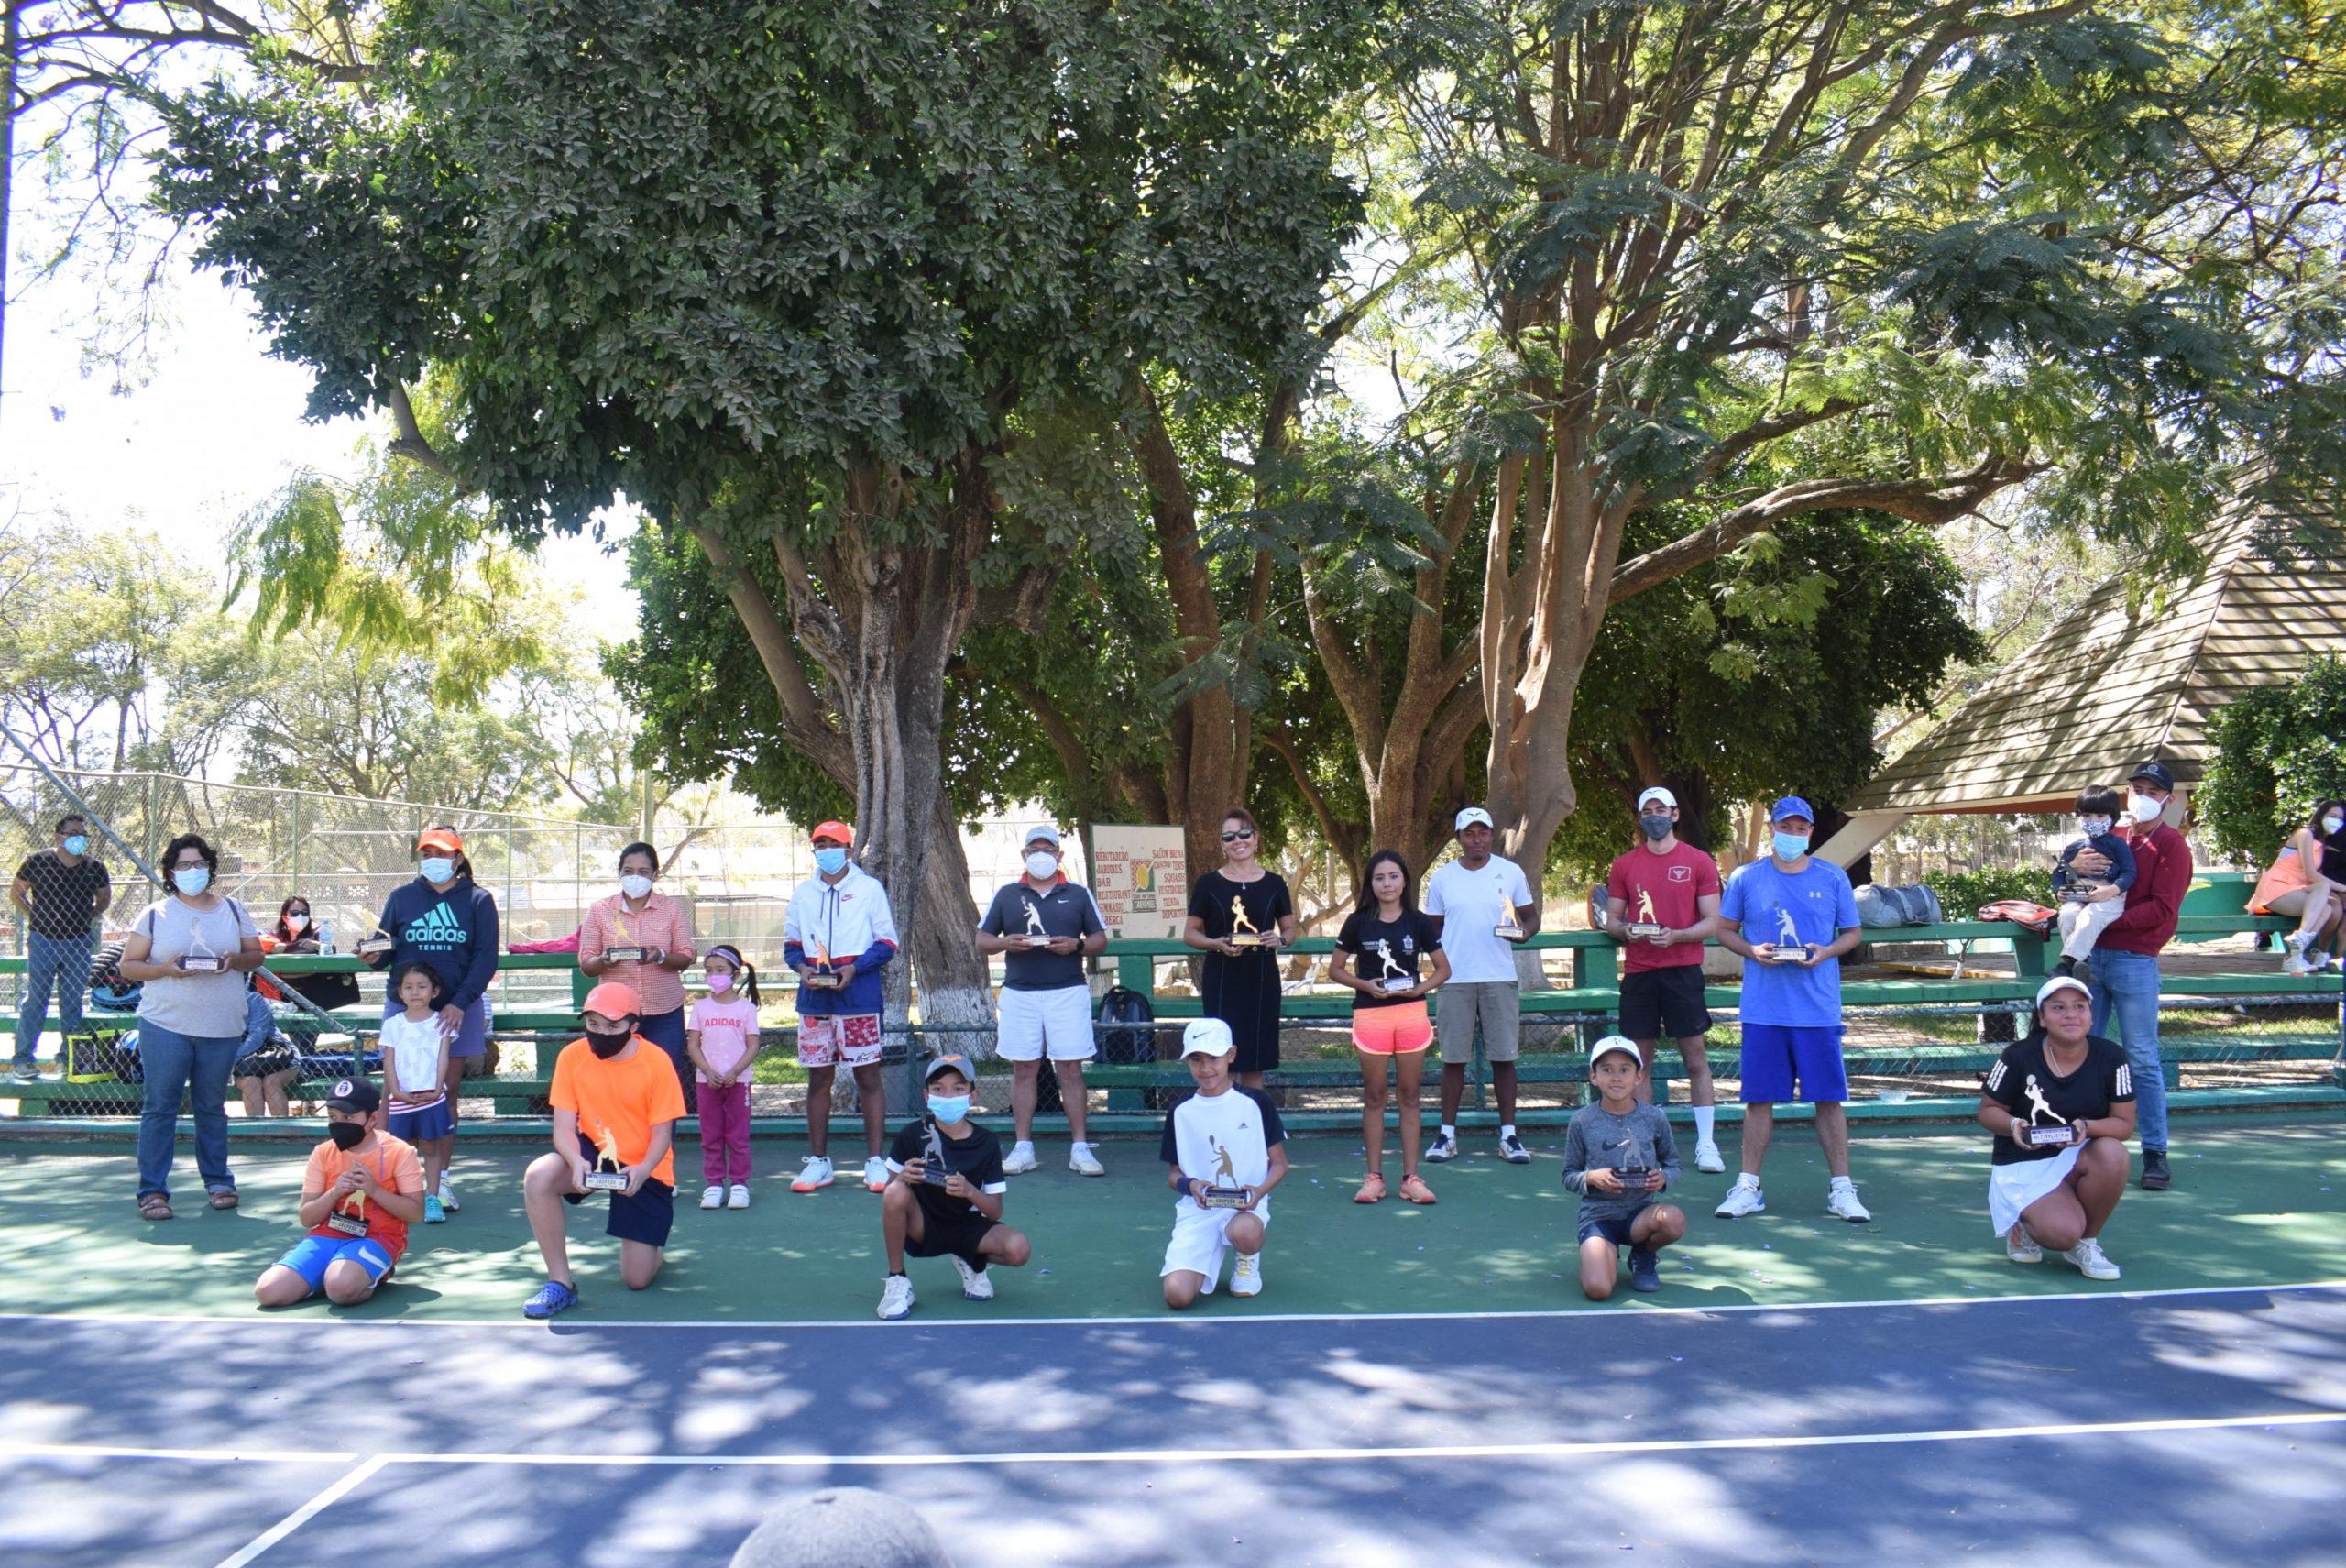 Terminan los raquetazos en deportivo Brenamiel   El Imparcial de Oaxaca